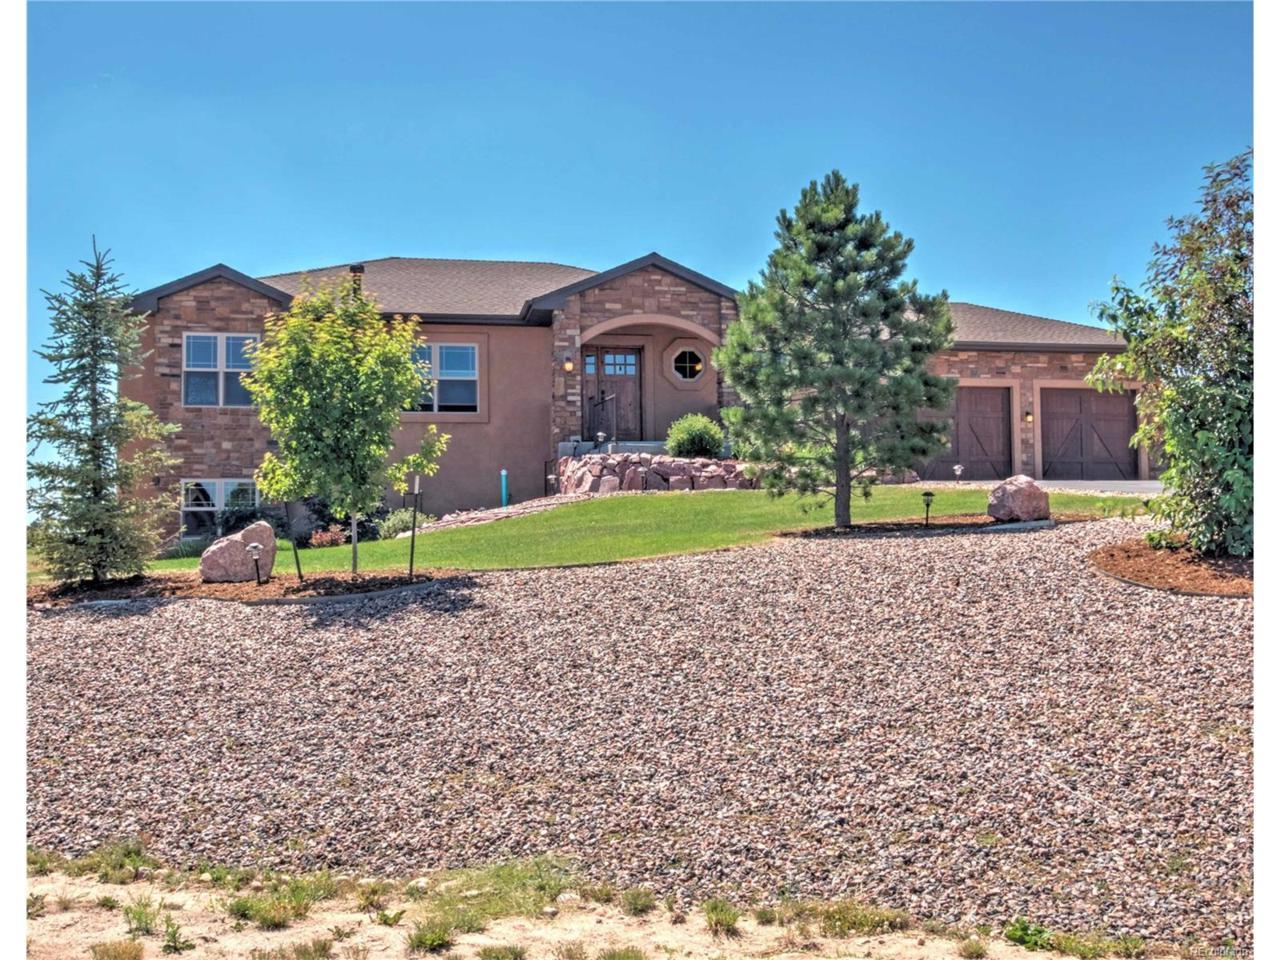 17384 Cabin Hill Lane, Colorado Springs, CO 80908 (MLS #6449825) :: 8z Real Estate